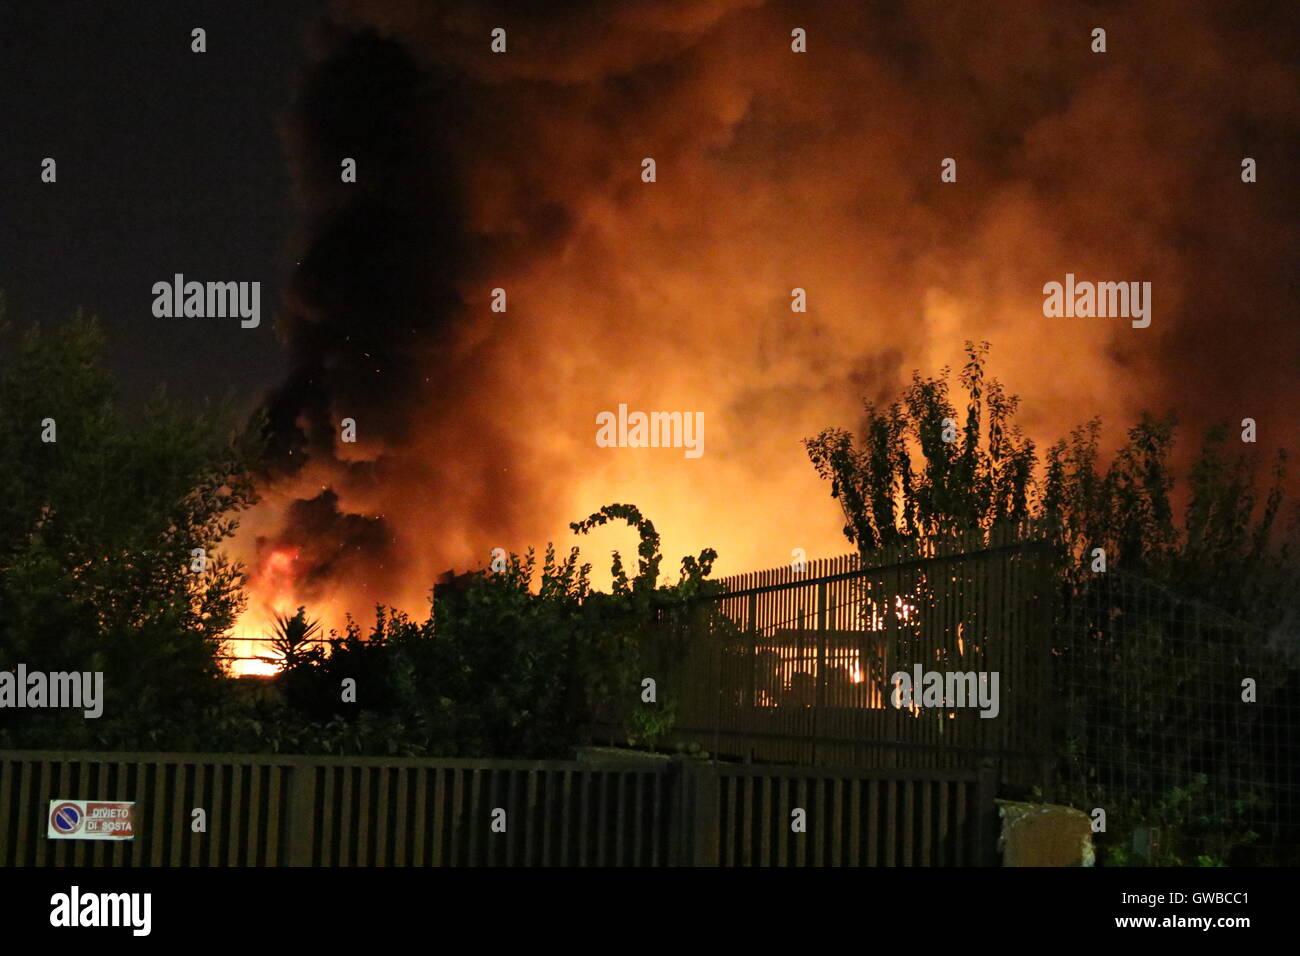 Melito di Napoli, Italia. Xii Sep, 2016. Incendio a Melito di Napoli. Fiamme in una fabbrica di materassi. Sul sito Immagini Stock